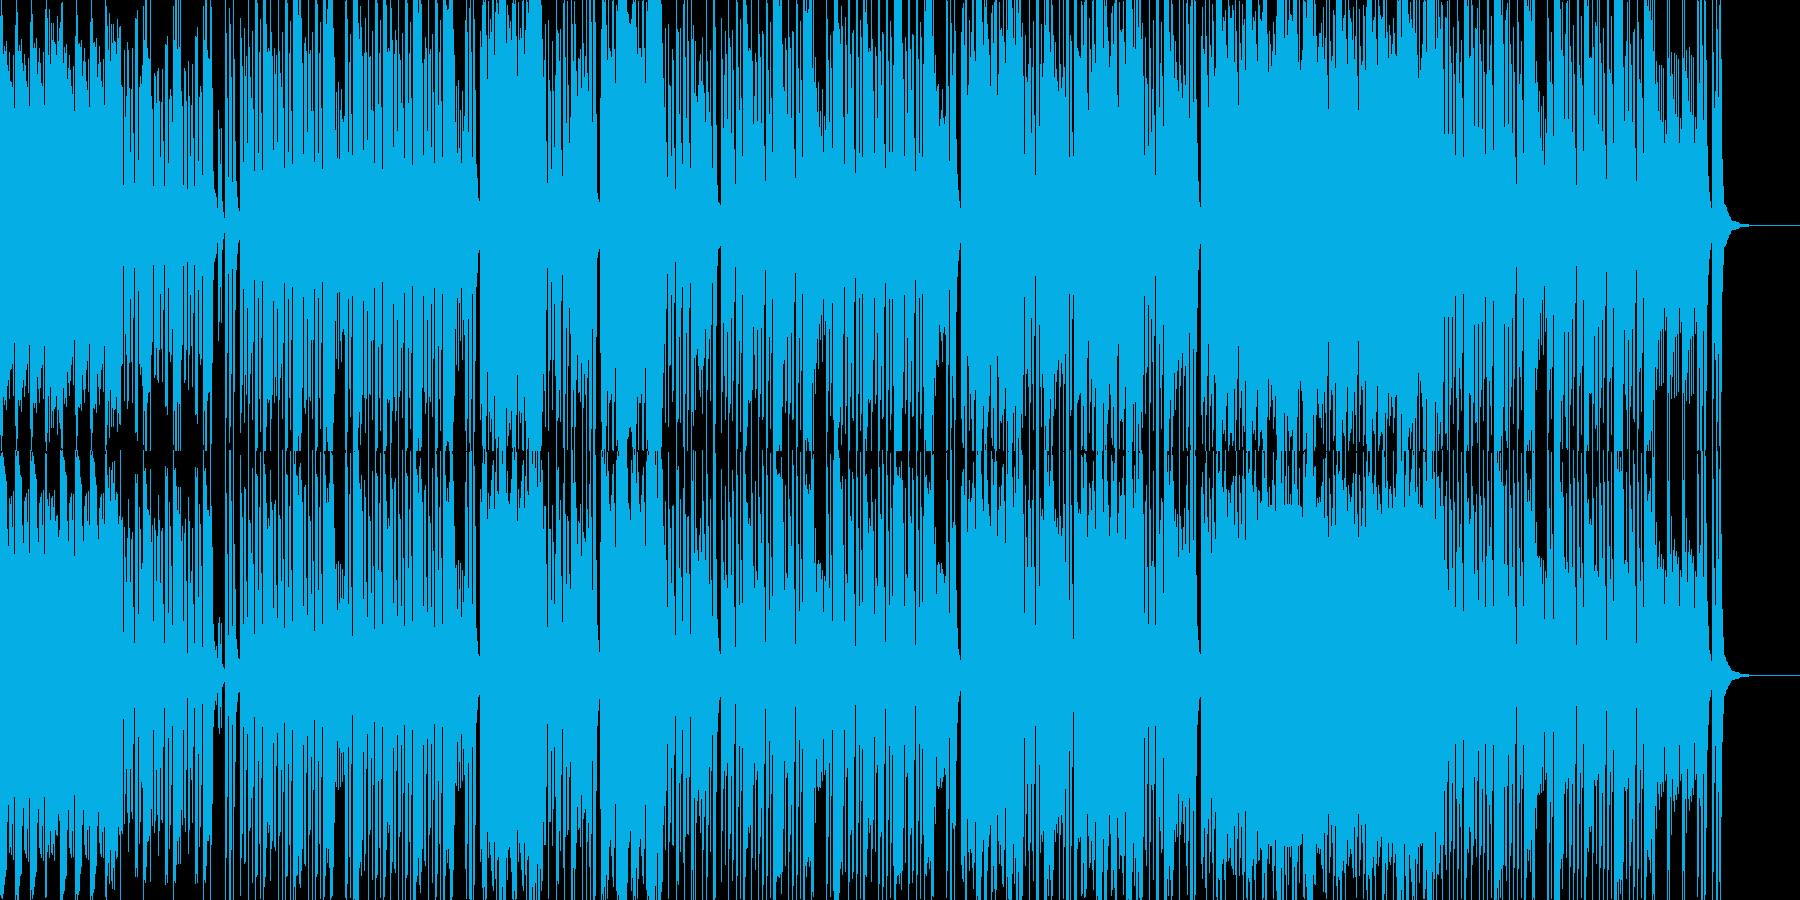 おちゃめなガイコツくん ハロウィンBGMの再生済みの波形